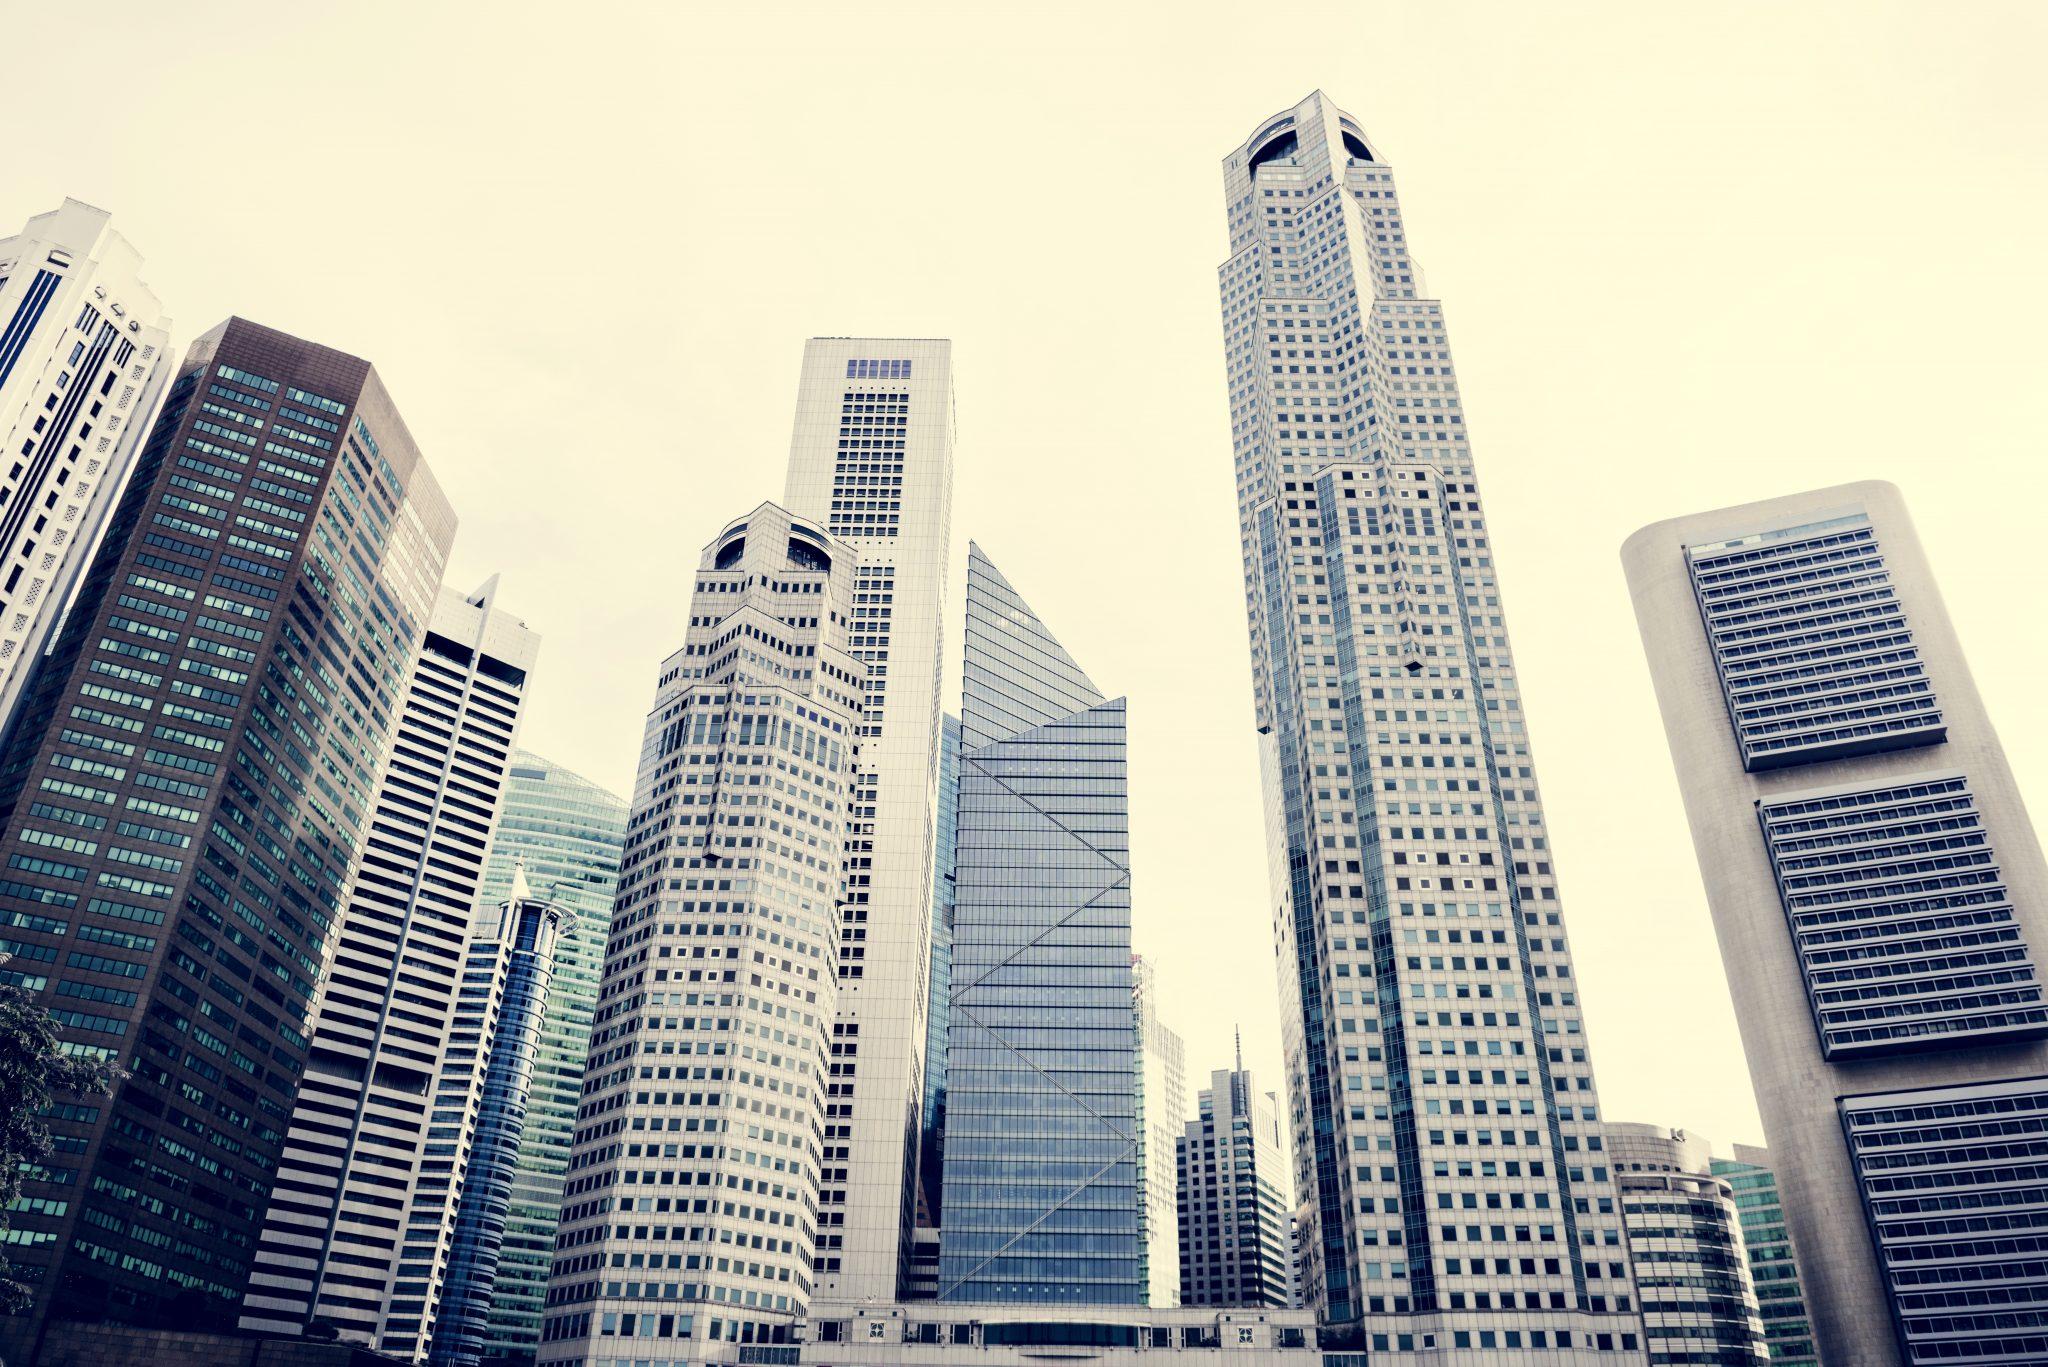 singapore cityscape P4C67LJ